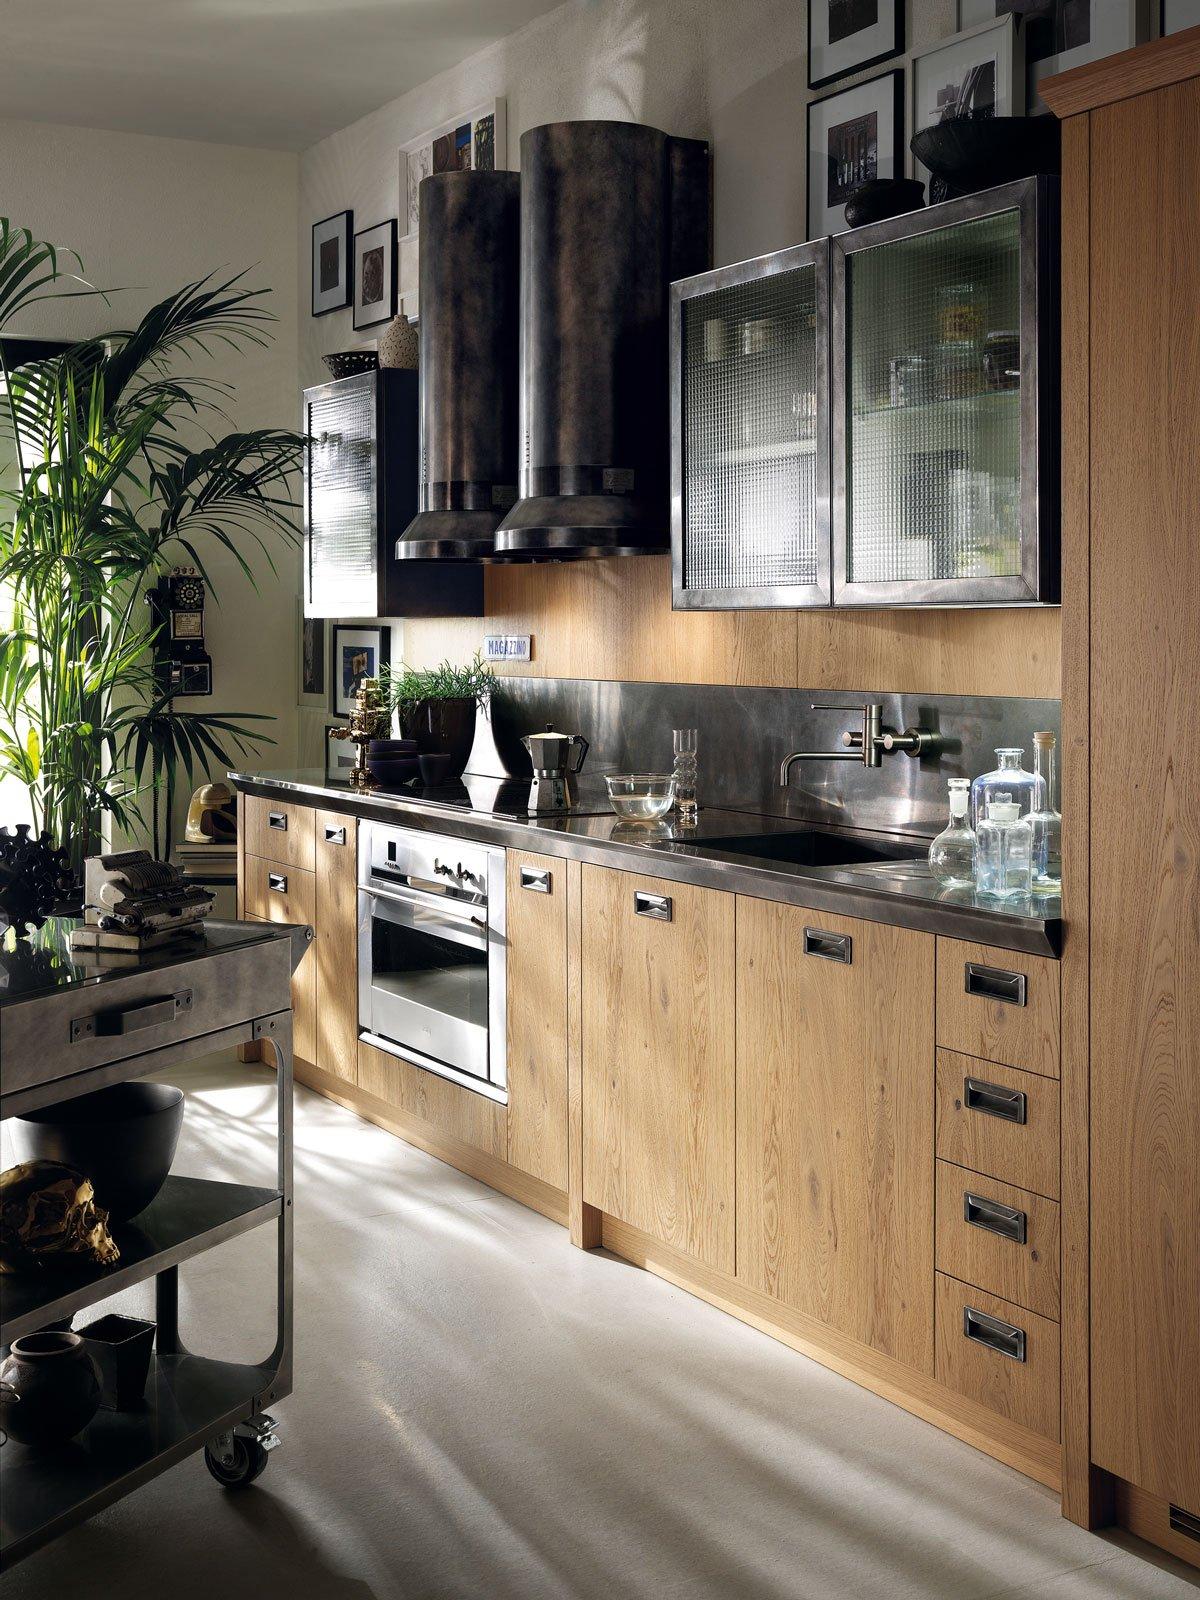 Cucine con cappa decorativa cose di casa - Cucine scavolini diesel ...